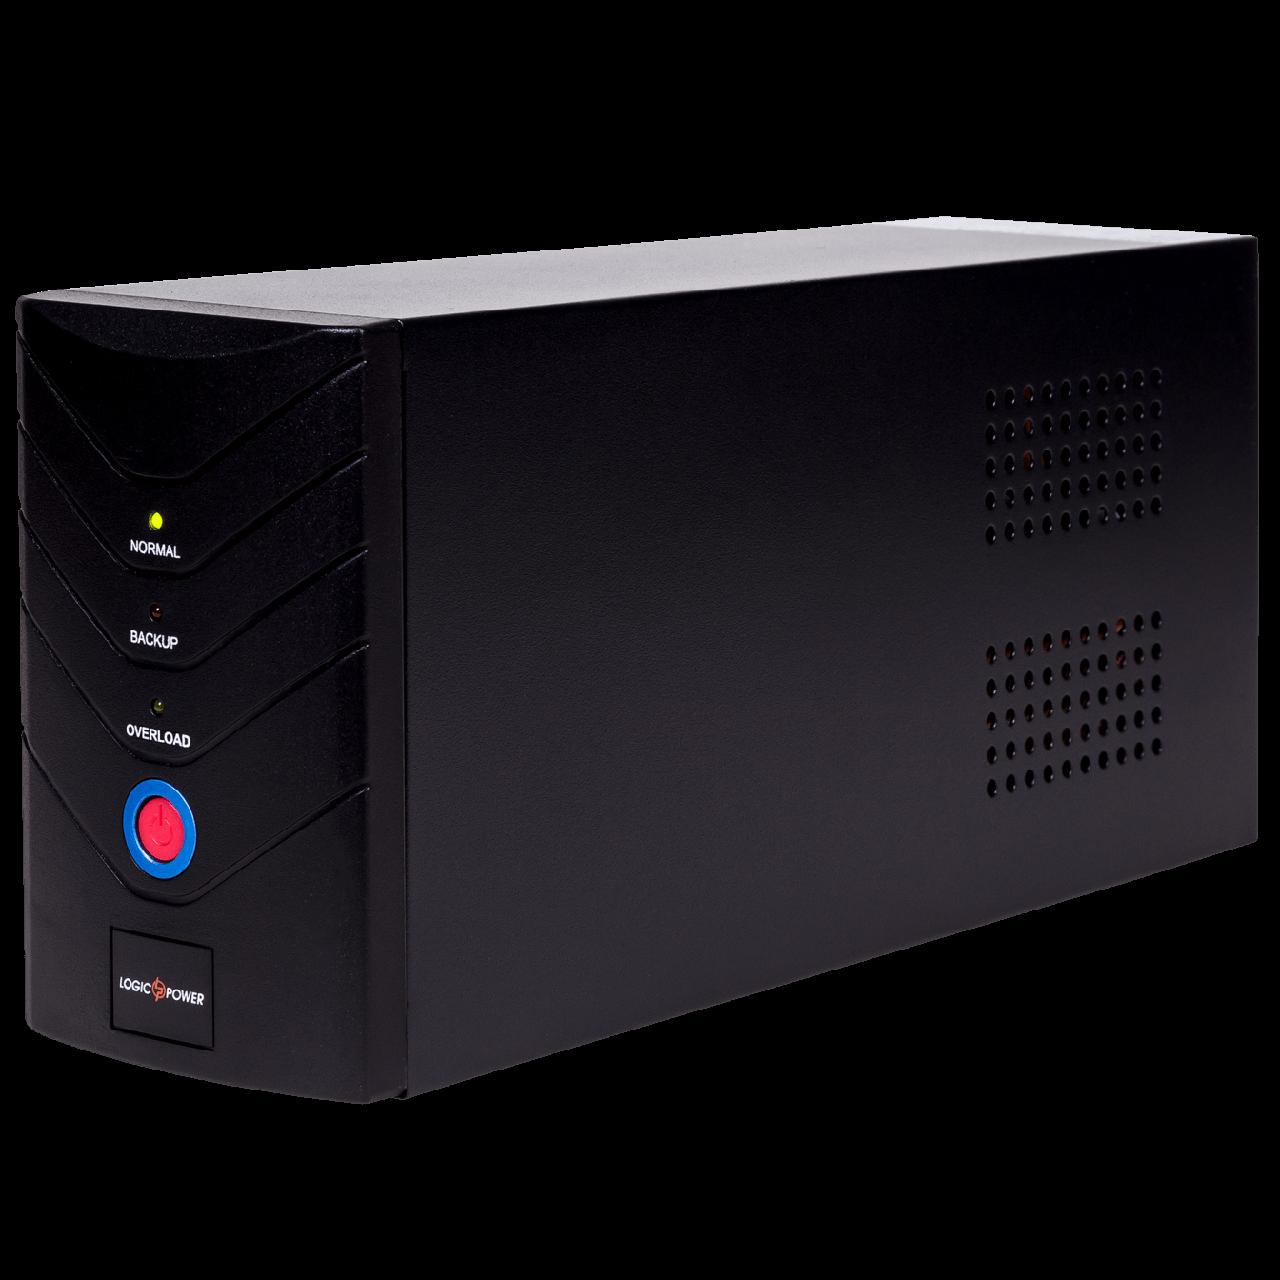 ИБП линейно-интерактивный LogicPower LP 1200VA(840Вт)